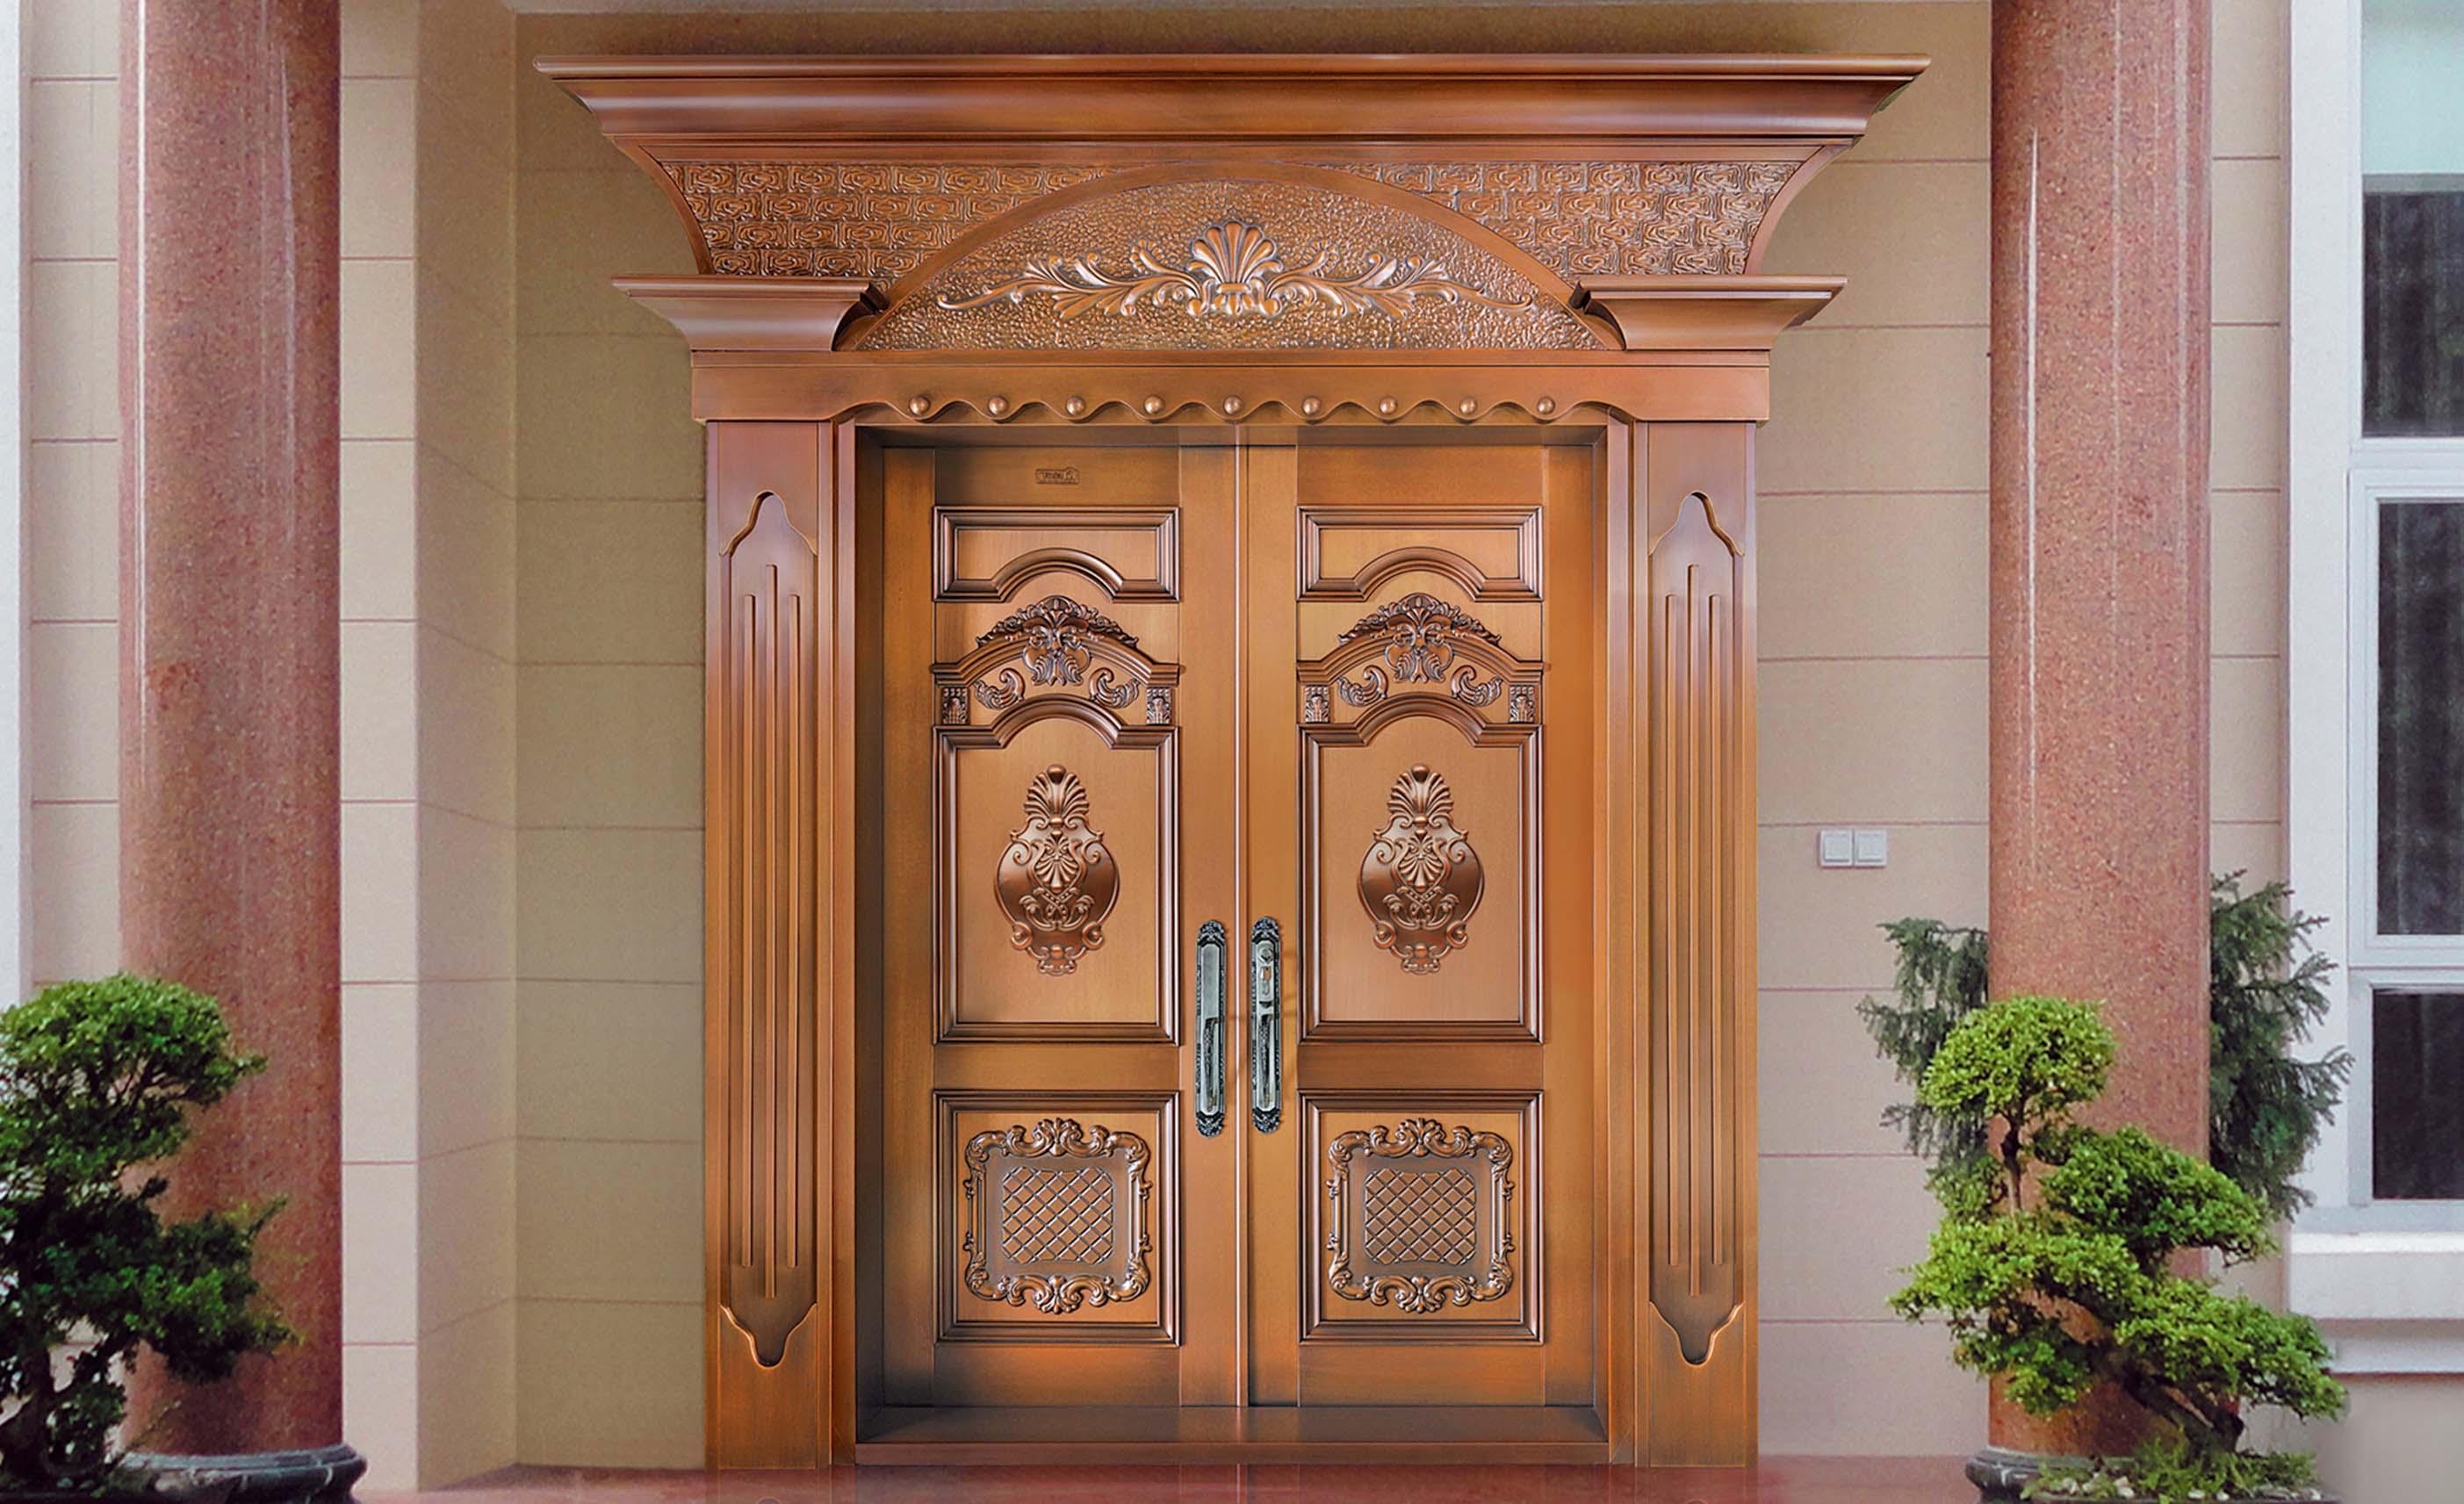 k020名门望族,别墅铜门,豪华铜门,双开铜门